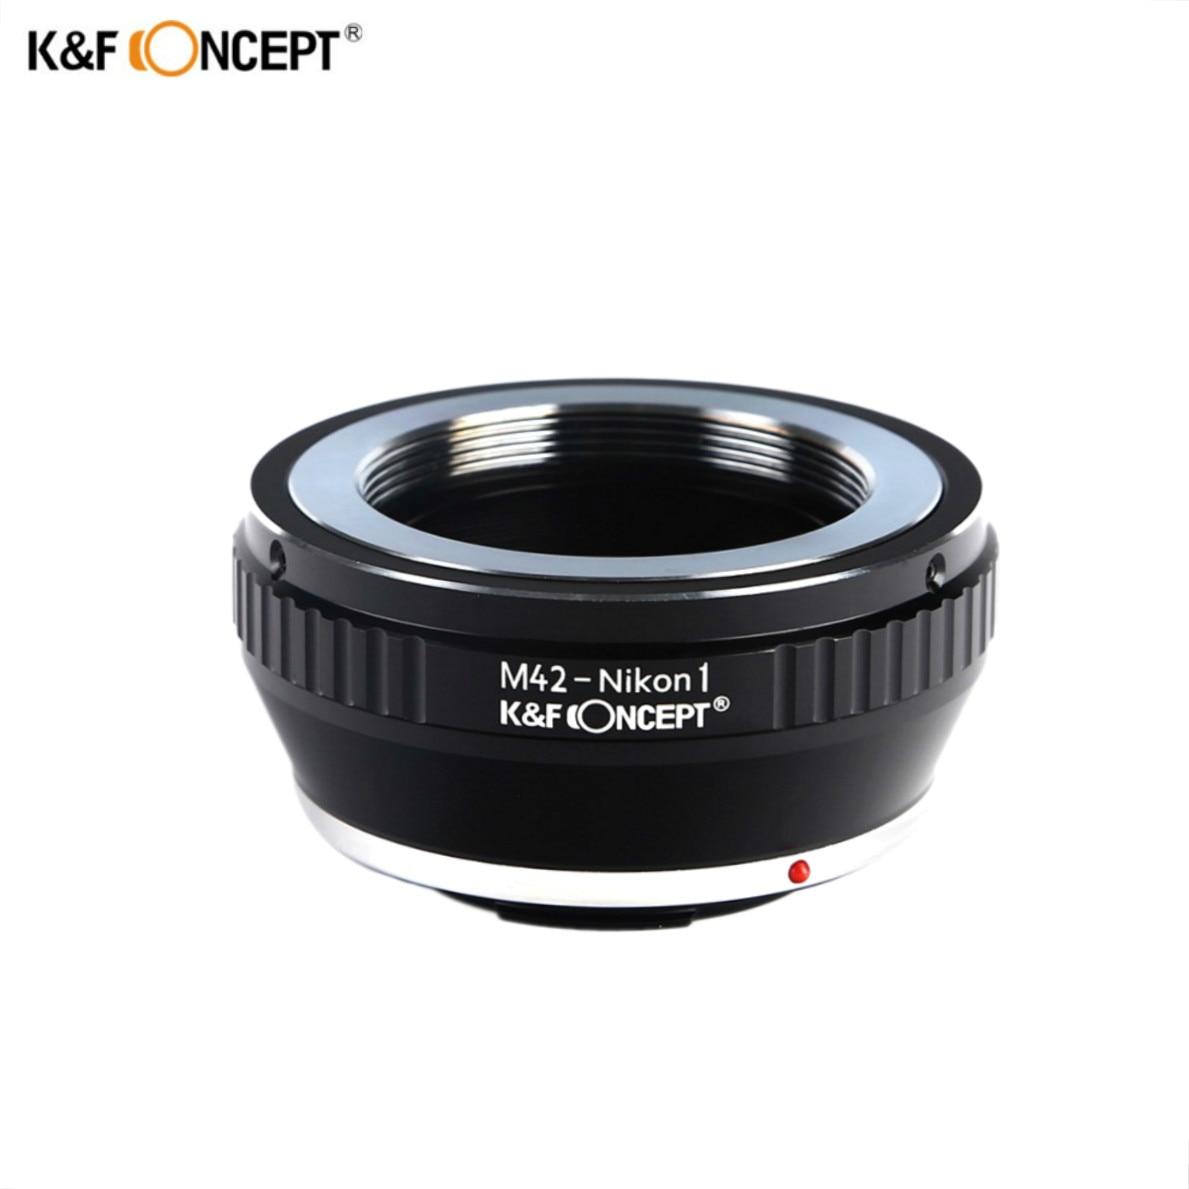 K & F Concept Objectif Bague Adaptatrice de Montage Pour M42 Pentax Praktica Lens Pour Nikon 1 Nikon1 Caméra